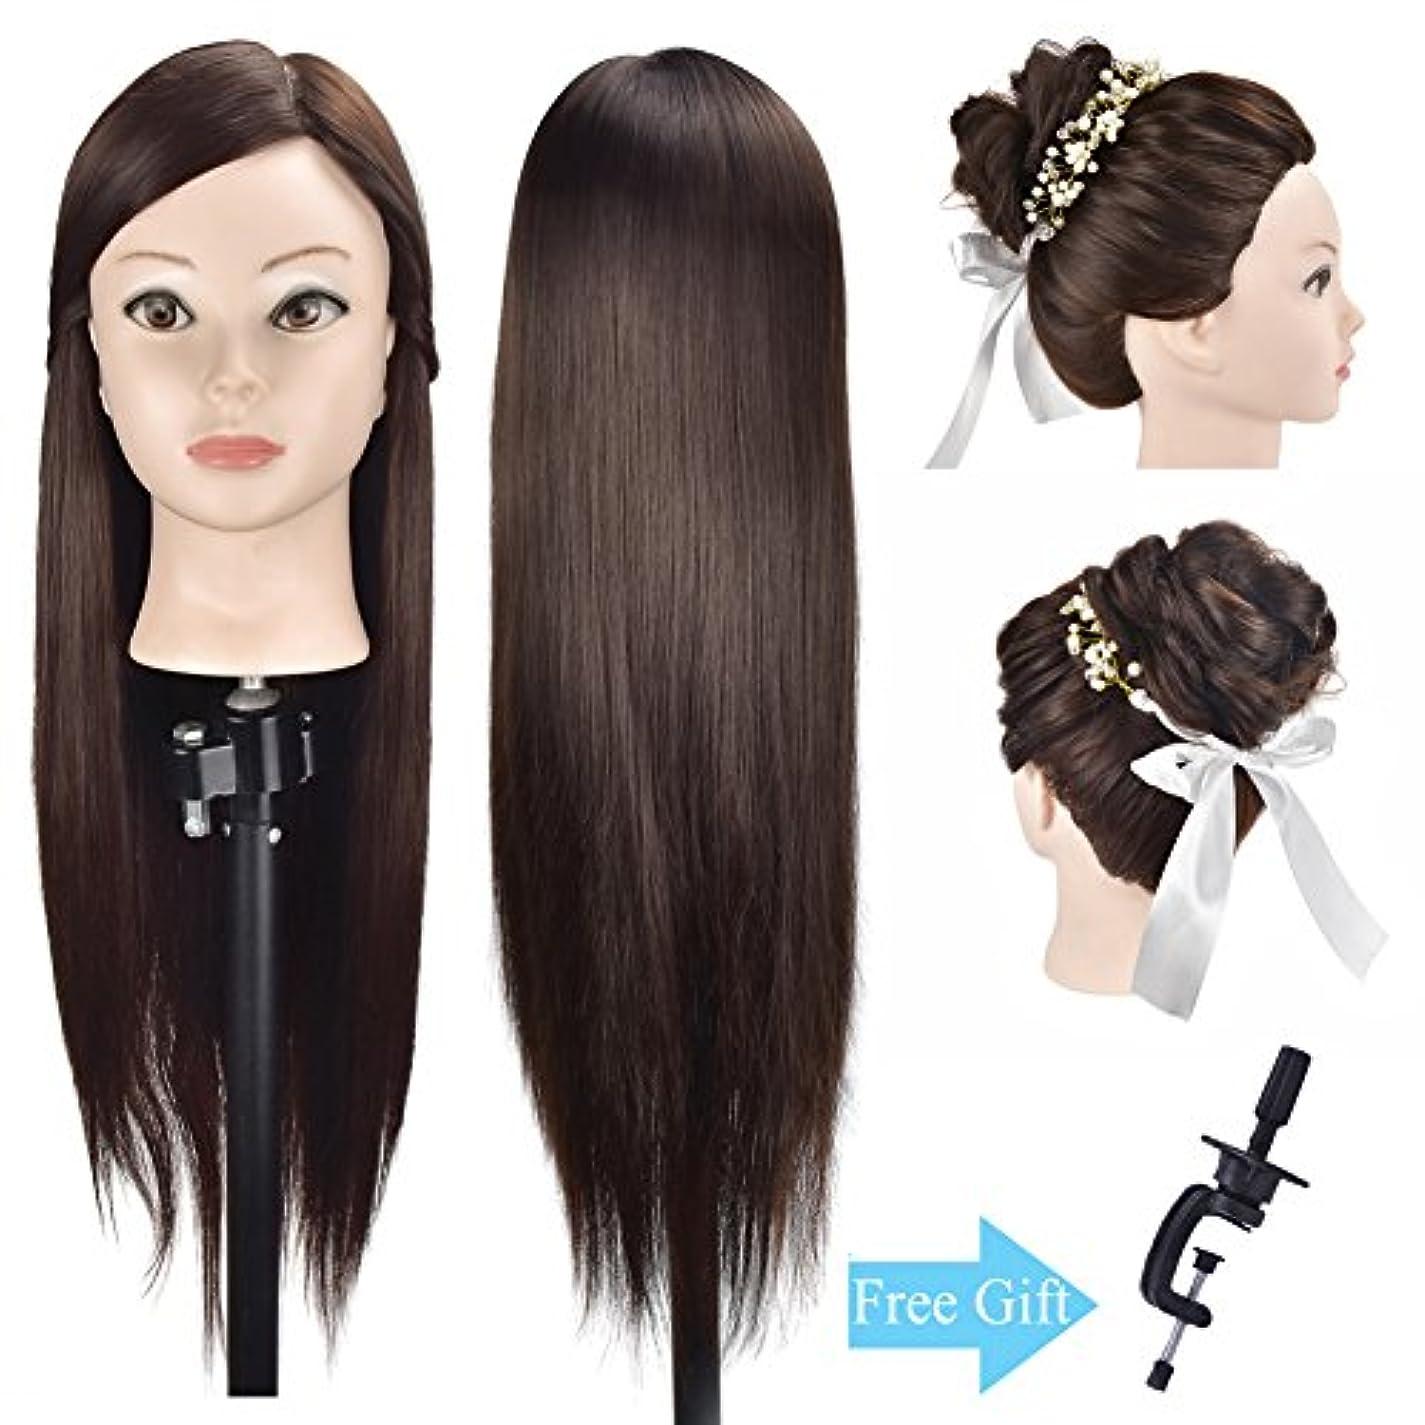 置くためにパック禁止する晩餐練習用 編み込み練習用 ウィッグマネキンヘッド ヘアアクセサリーセット 美容室サロン 100%合成髪